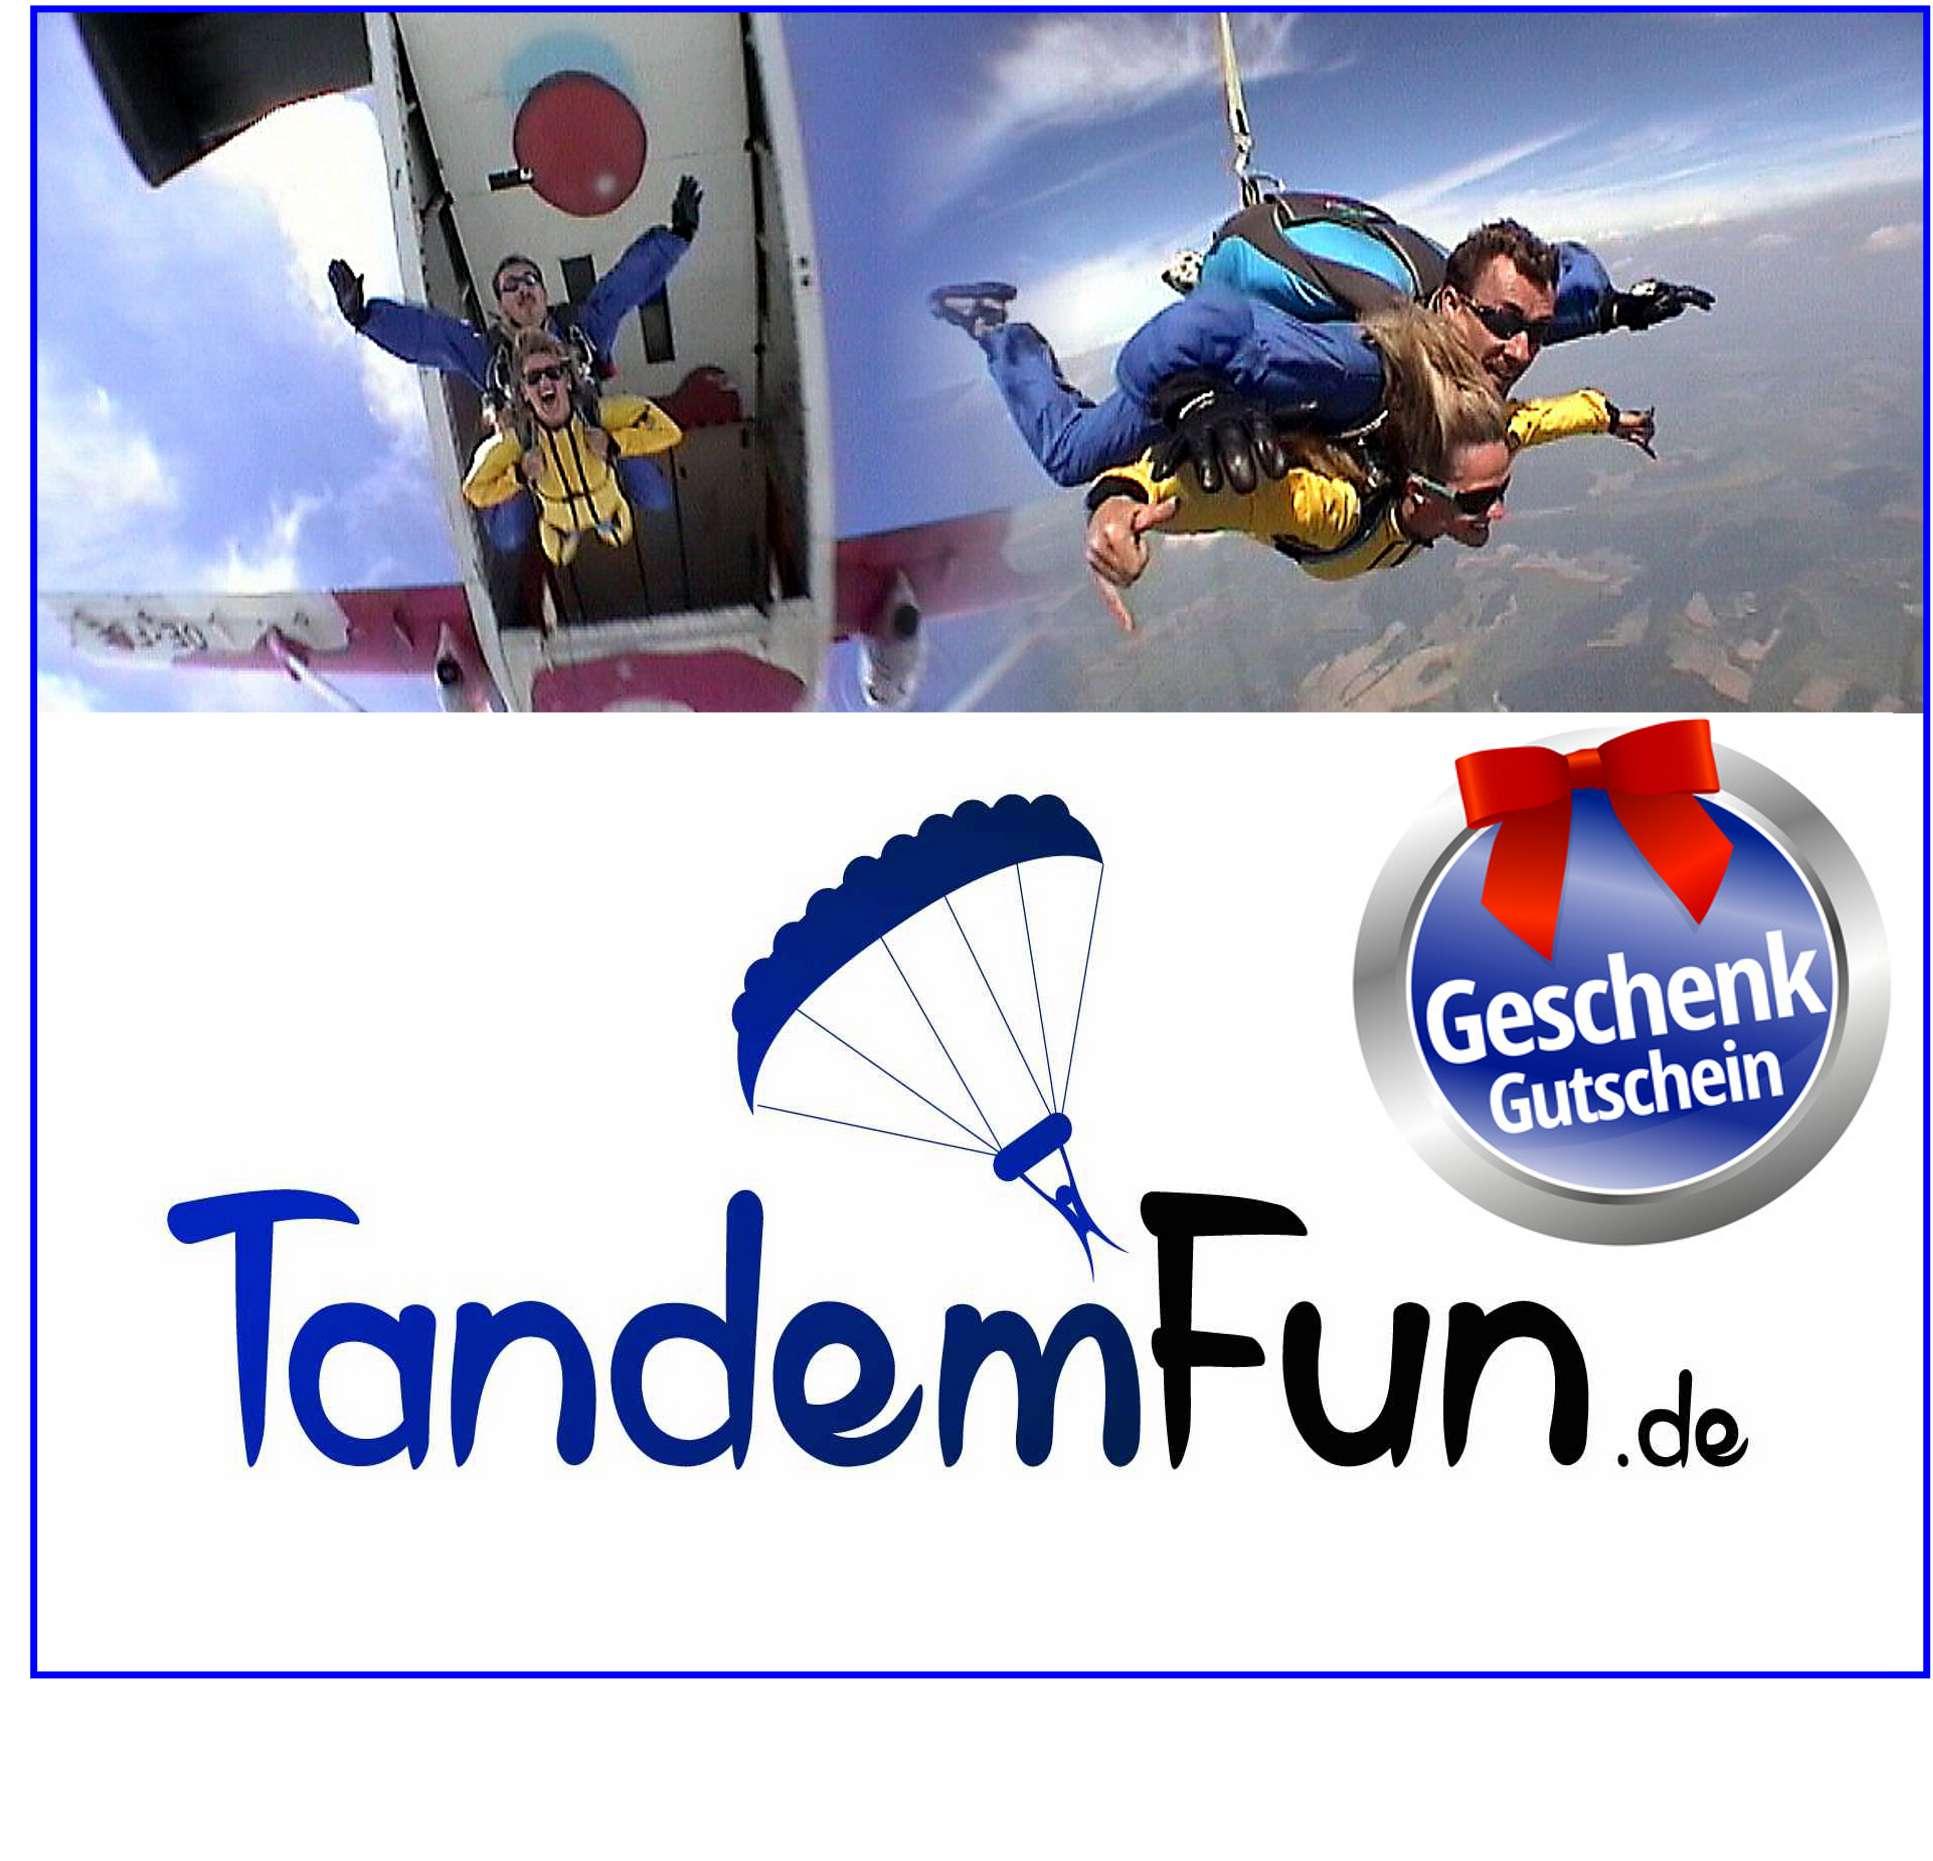 Fallschirmsprung-Gutschein-Tandemfun-de-5